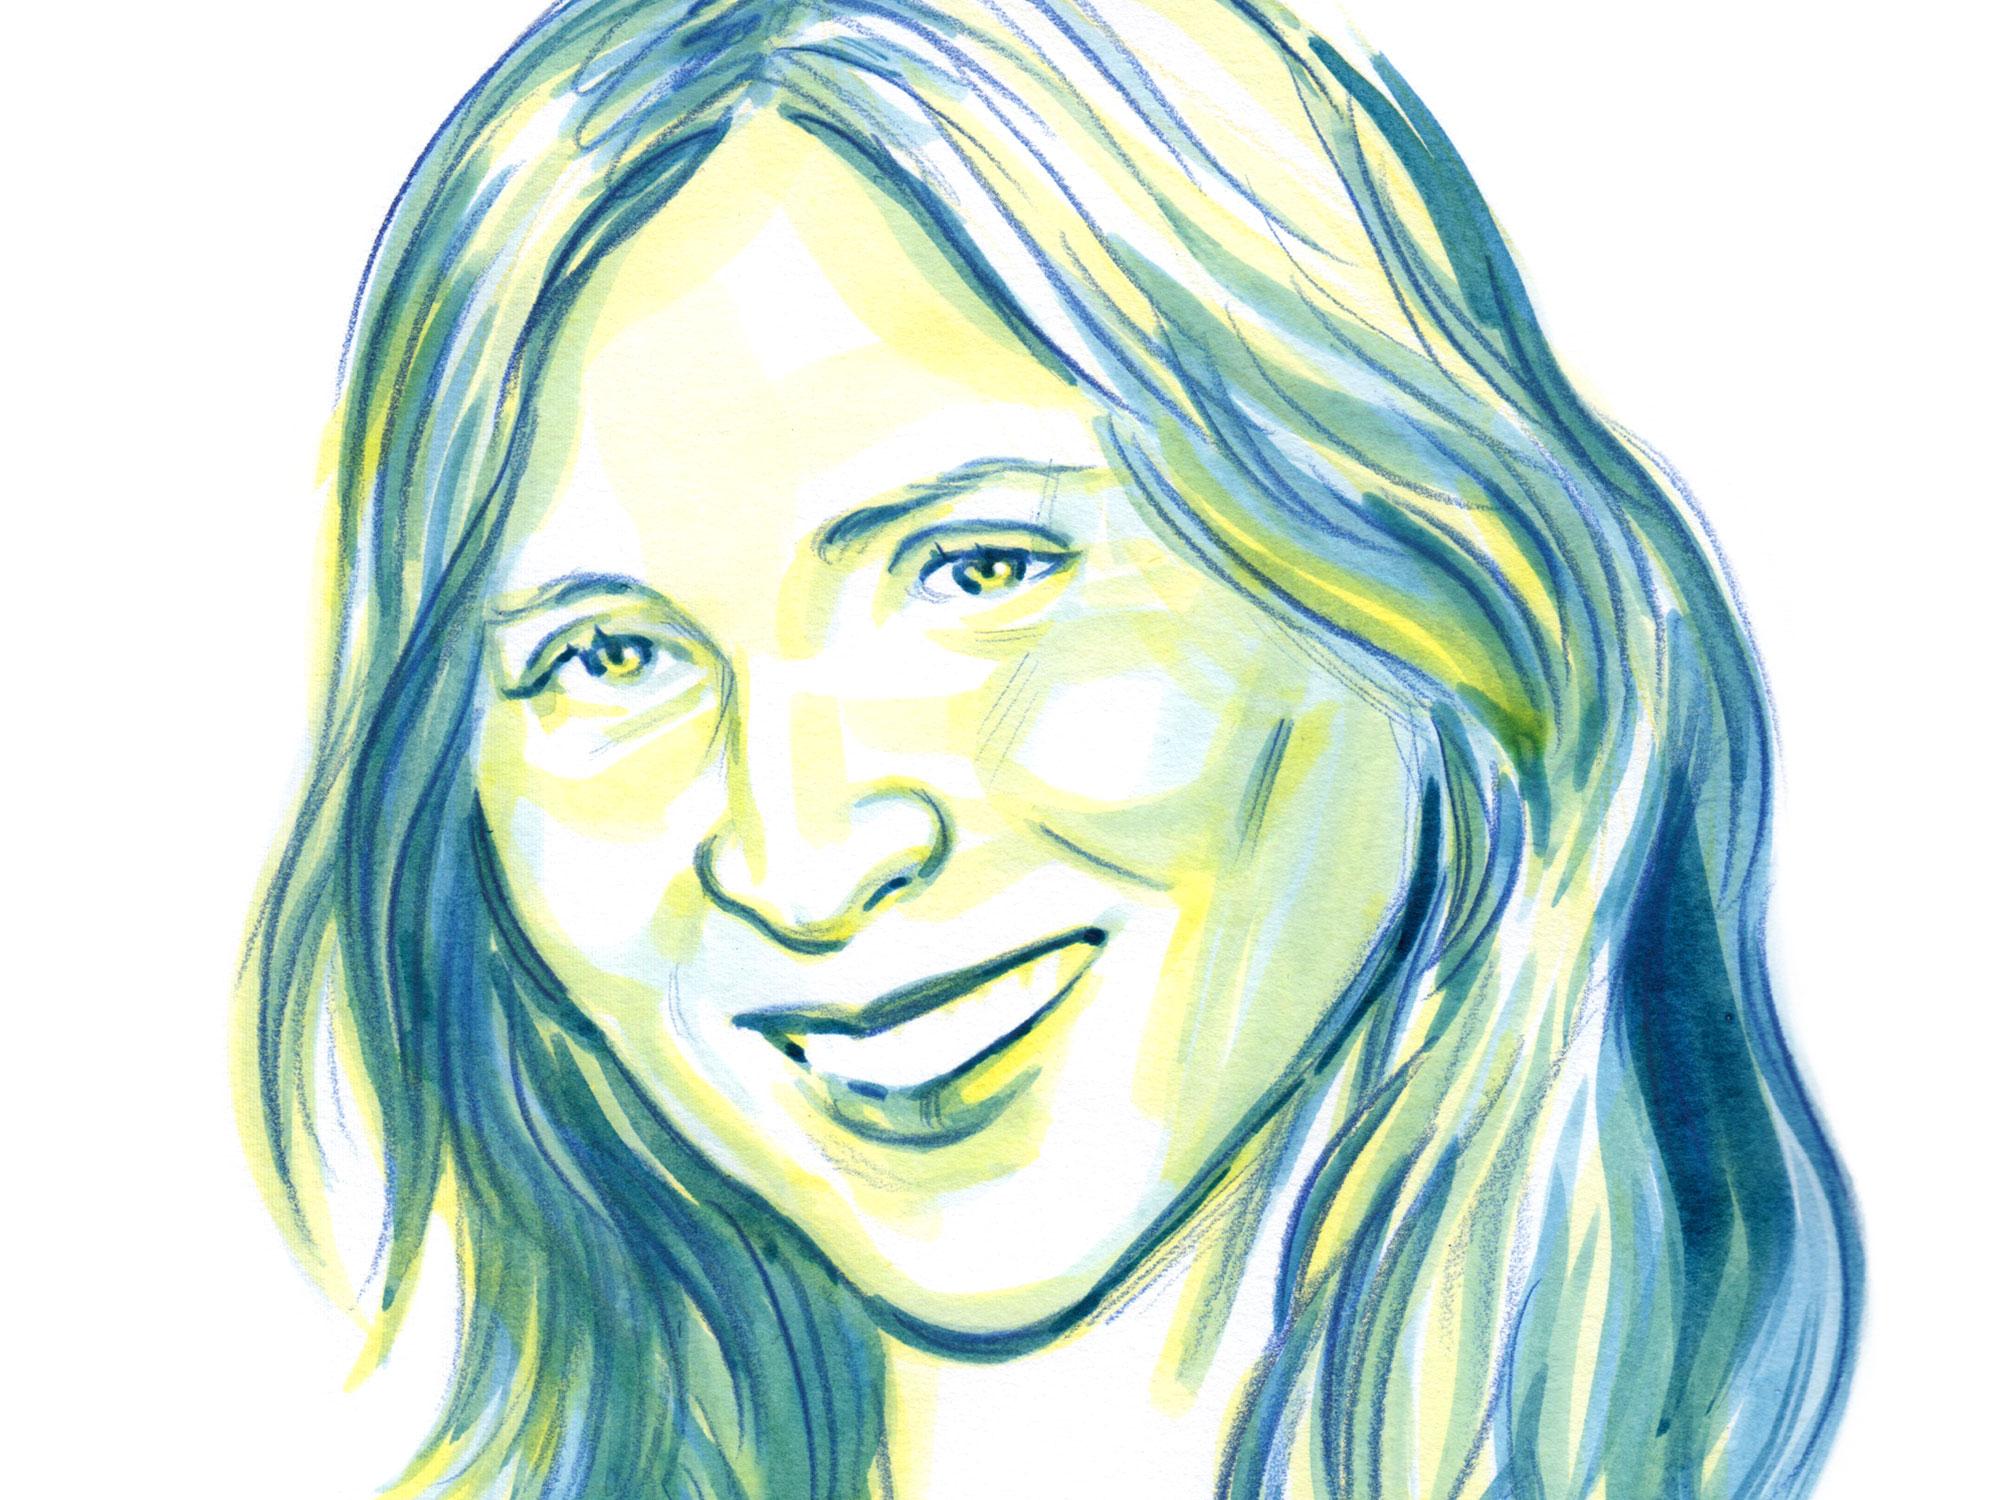 Jessica Hausner illustrated portrait